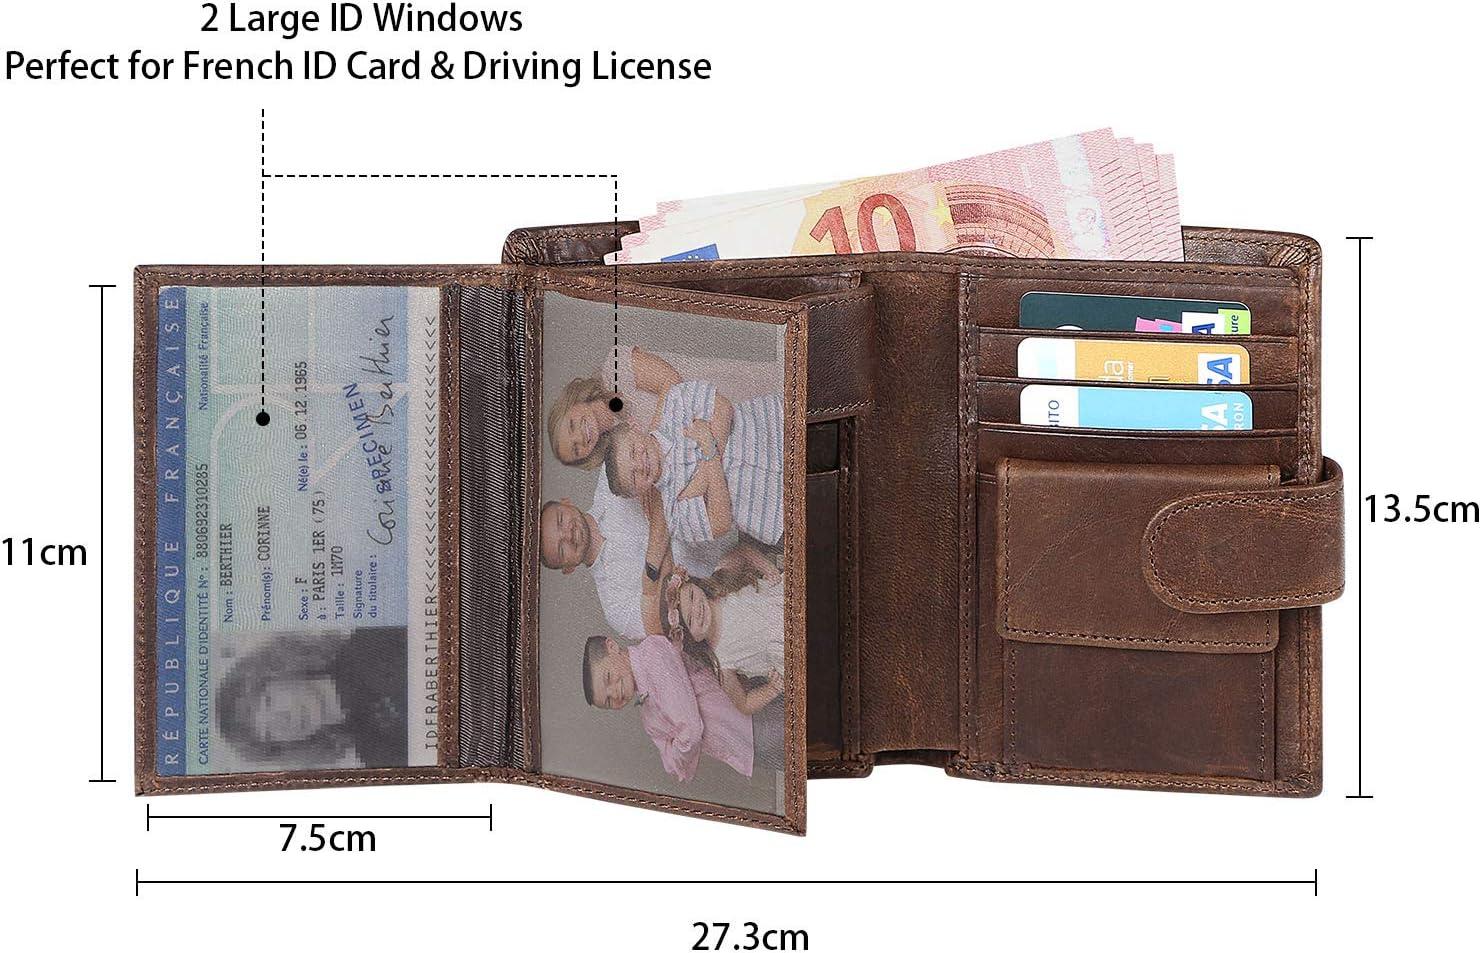 flintronic® Billetera de Cuero Genuino, Billetera Bifold Hombres, Monedero de Bloqueo RFID, Titular de la Tarjeta de Crédito con Coin Pocket | 14 ...